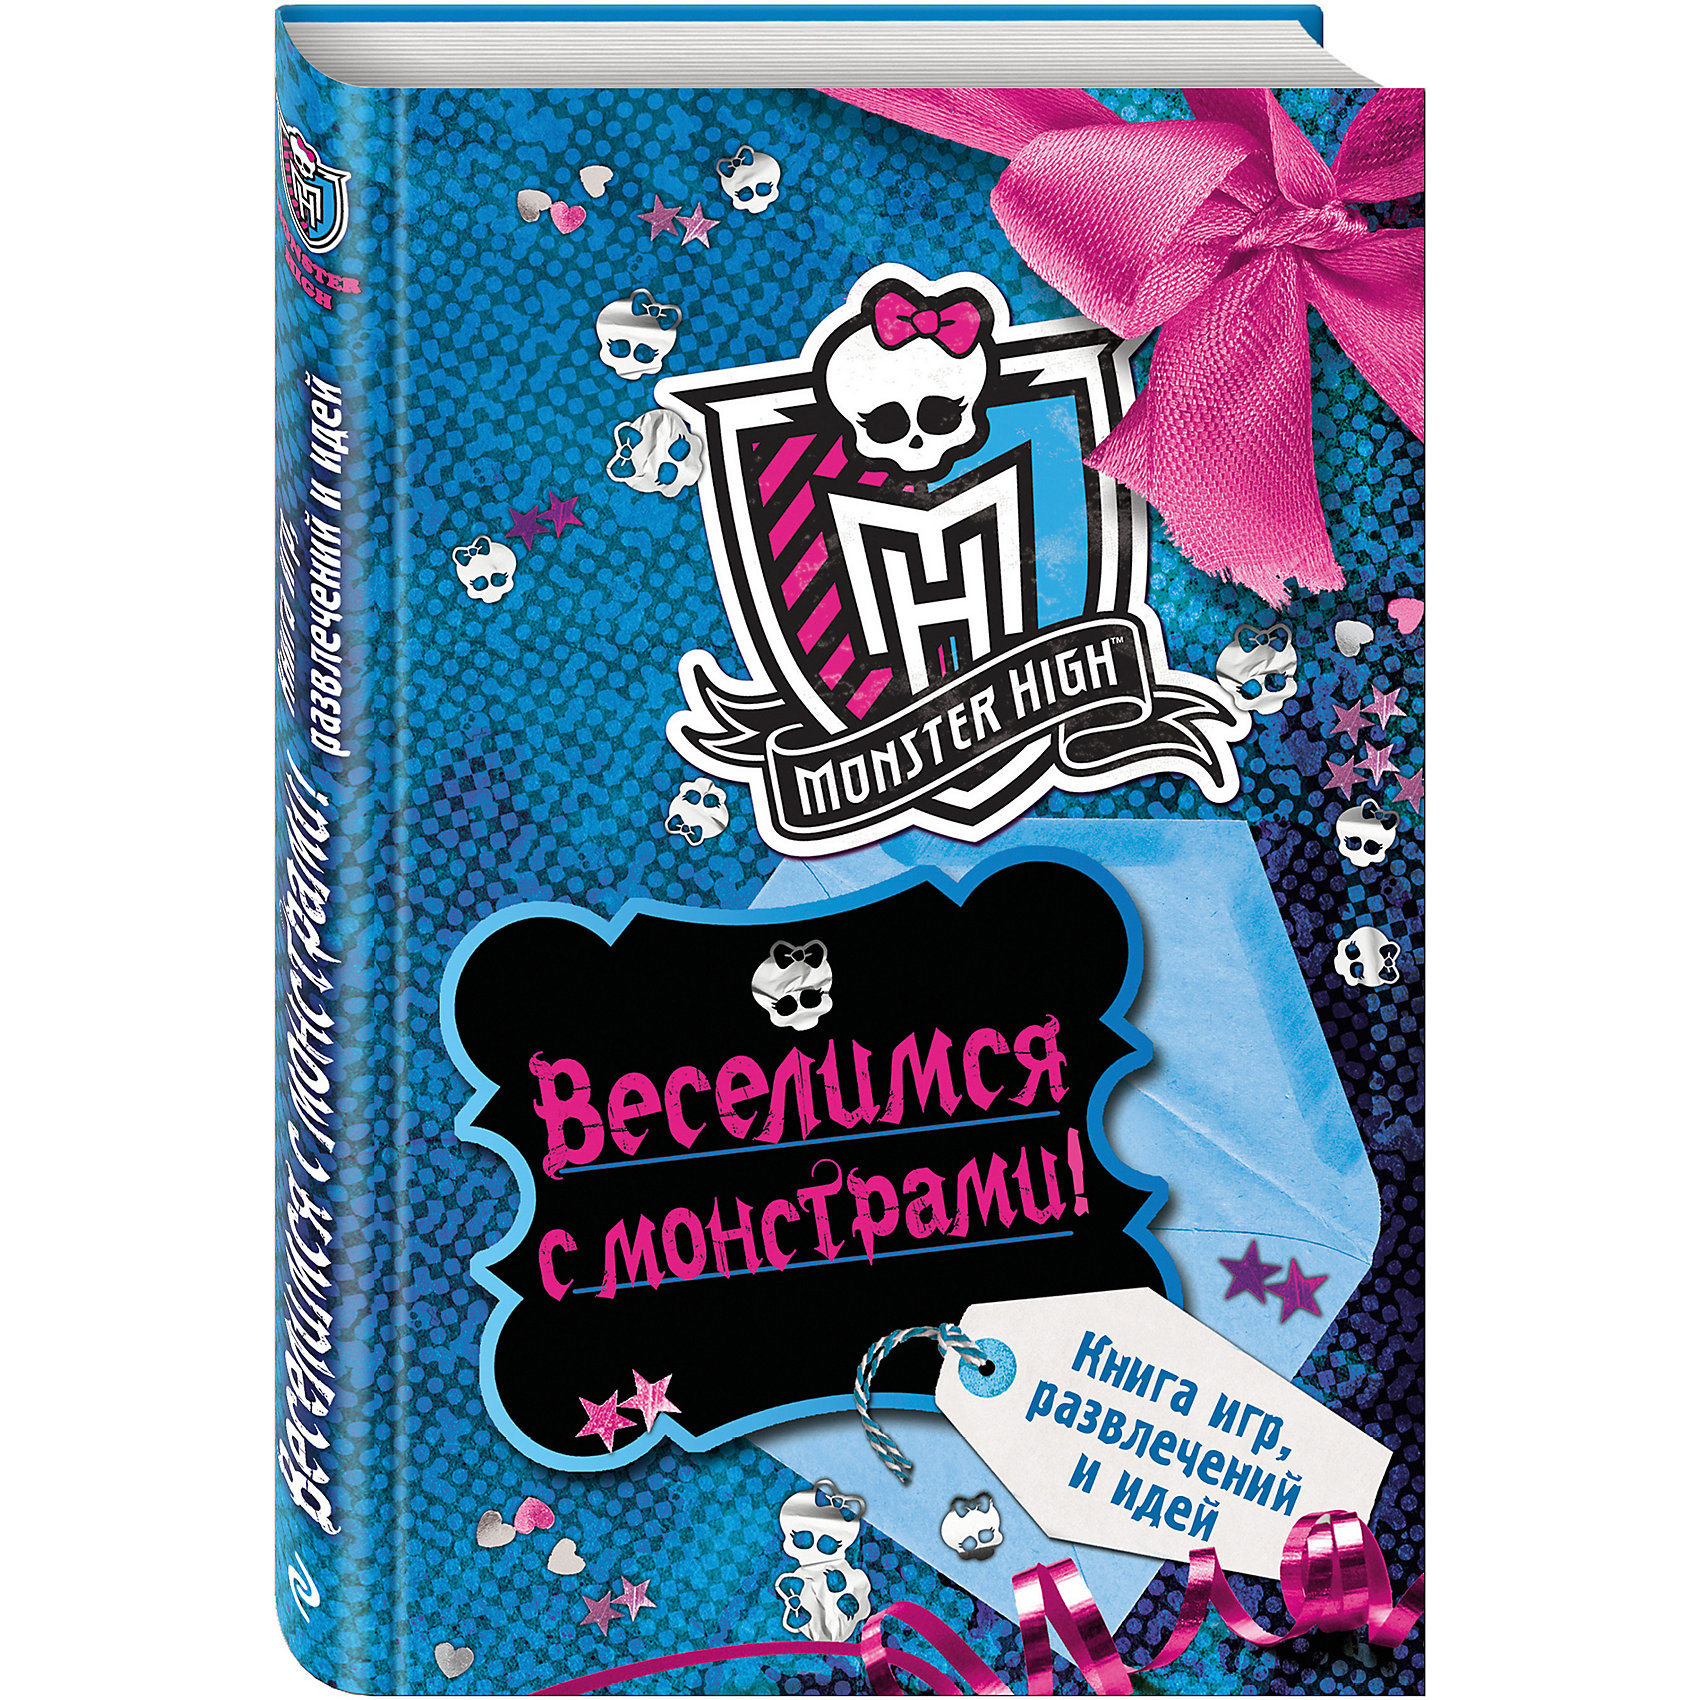 Веселимся с монстрами! Книга игр, развлечений и идейЭксмо<br>Характеристики товара: <br><br>• ISBN: 9785699812363<br>• возраст от: 12 лет<br>• формат: 60x90/16<br>• бумага: офсет<br>• обложка: твердая<br>• издательство: Эксмо-Пресс<br>• иллюстрации: цветные<br>• количество страниц: 224<br>• размеры: 20x14 см<br><br>Издание «Веселимся с монстрами! Книга игр, развлечений и идей» - это собрание идей для любительниц героев Monster High.<br><br>В нем можно найти не только тесты, идеи игр и конкурсов для вечеров с друзьями, но и множество интересных советов от любимых героинь.<br><br>«Веселимся с монстрами! Книга игр, развлечений и идей» можно купить в нашем интернет-магазине.<br><br>Ширина мм: 212<br>Глубина мм: 138<br>Высота мм: 90<br>Вес г: 412<br>Возраст от месяцев: 144<br>Возраст до месяцев: 2147483647<br>Пол: Унисекс<br>Возраст: Детский<br>SKU: 5535339